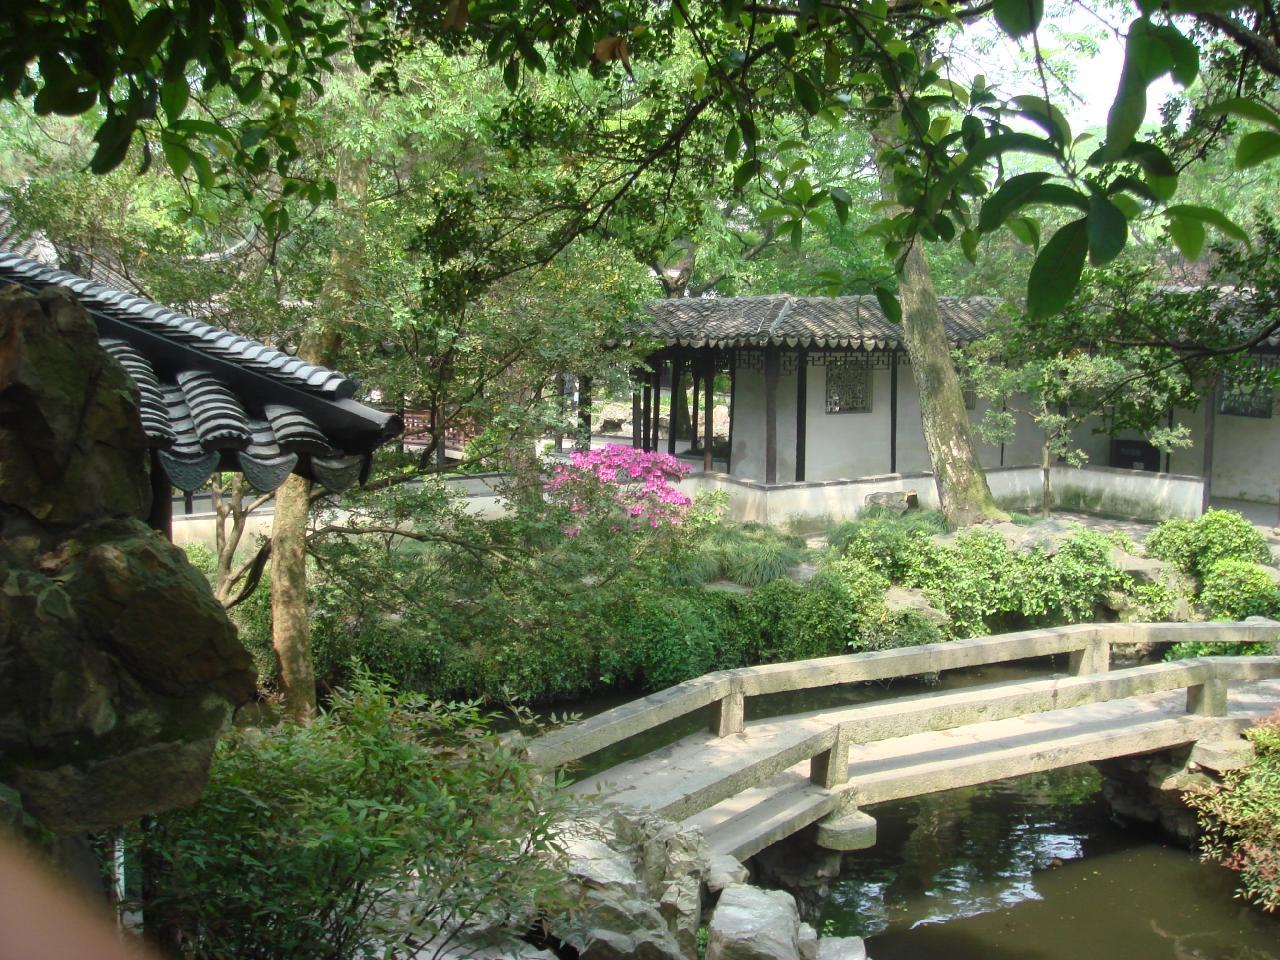 苏州园林庭院分享展示图片